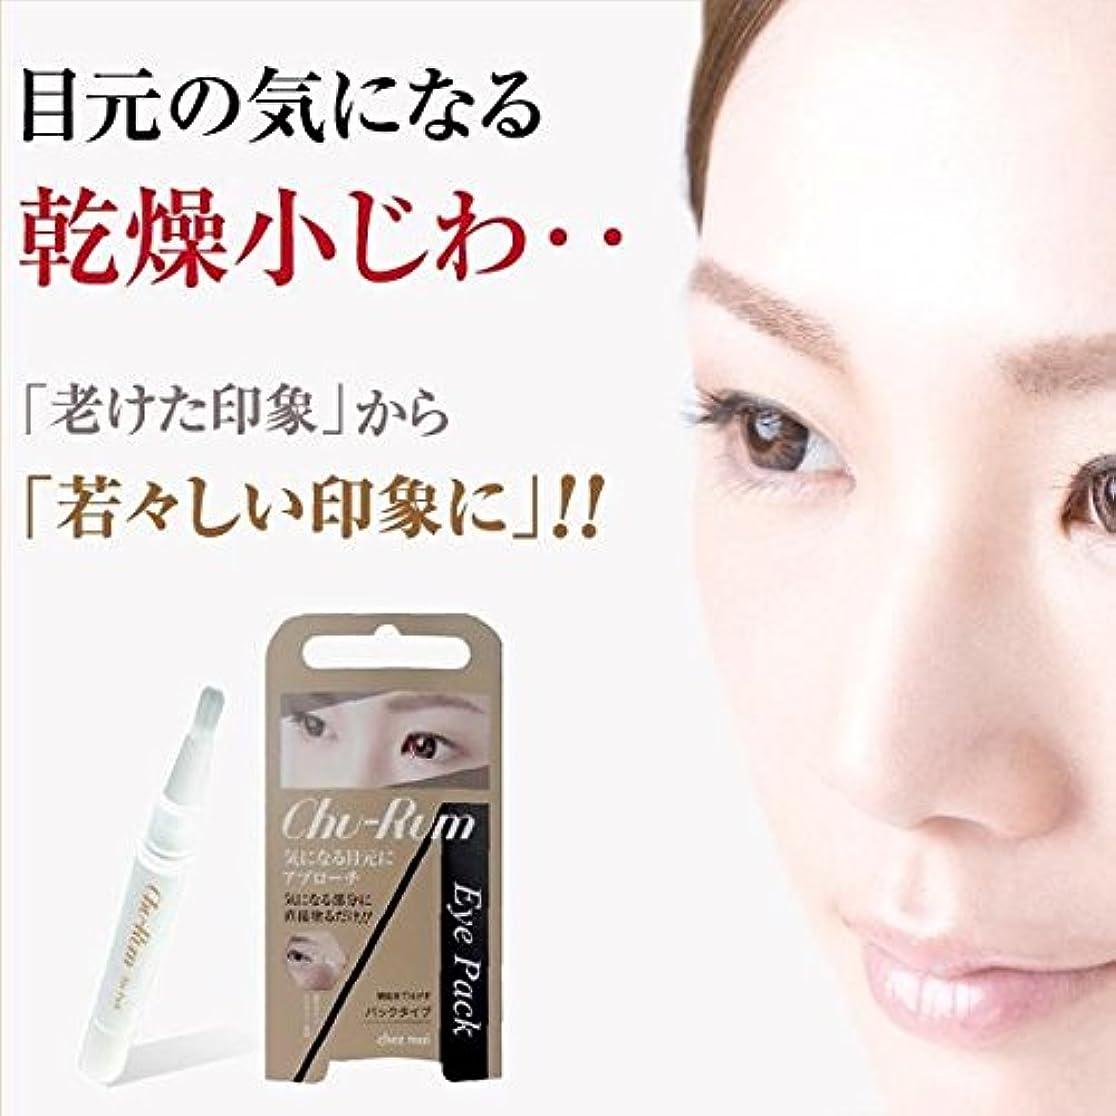 リベラル蜂収入Chu-Rum(チュルム) Eye Pack(アイパック) 目元用パック